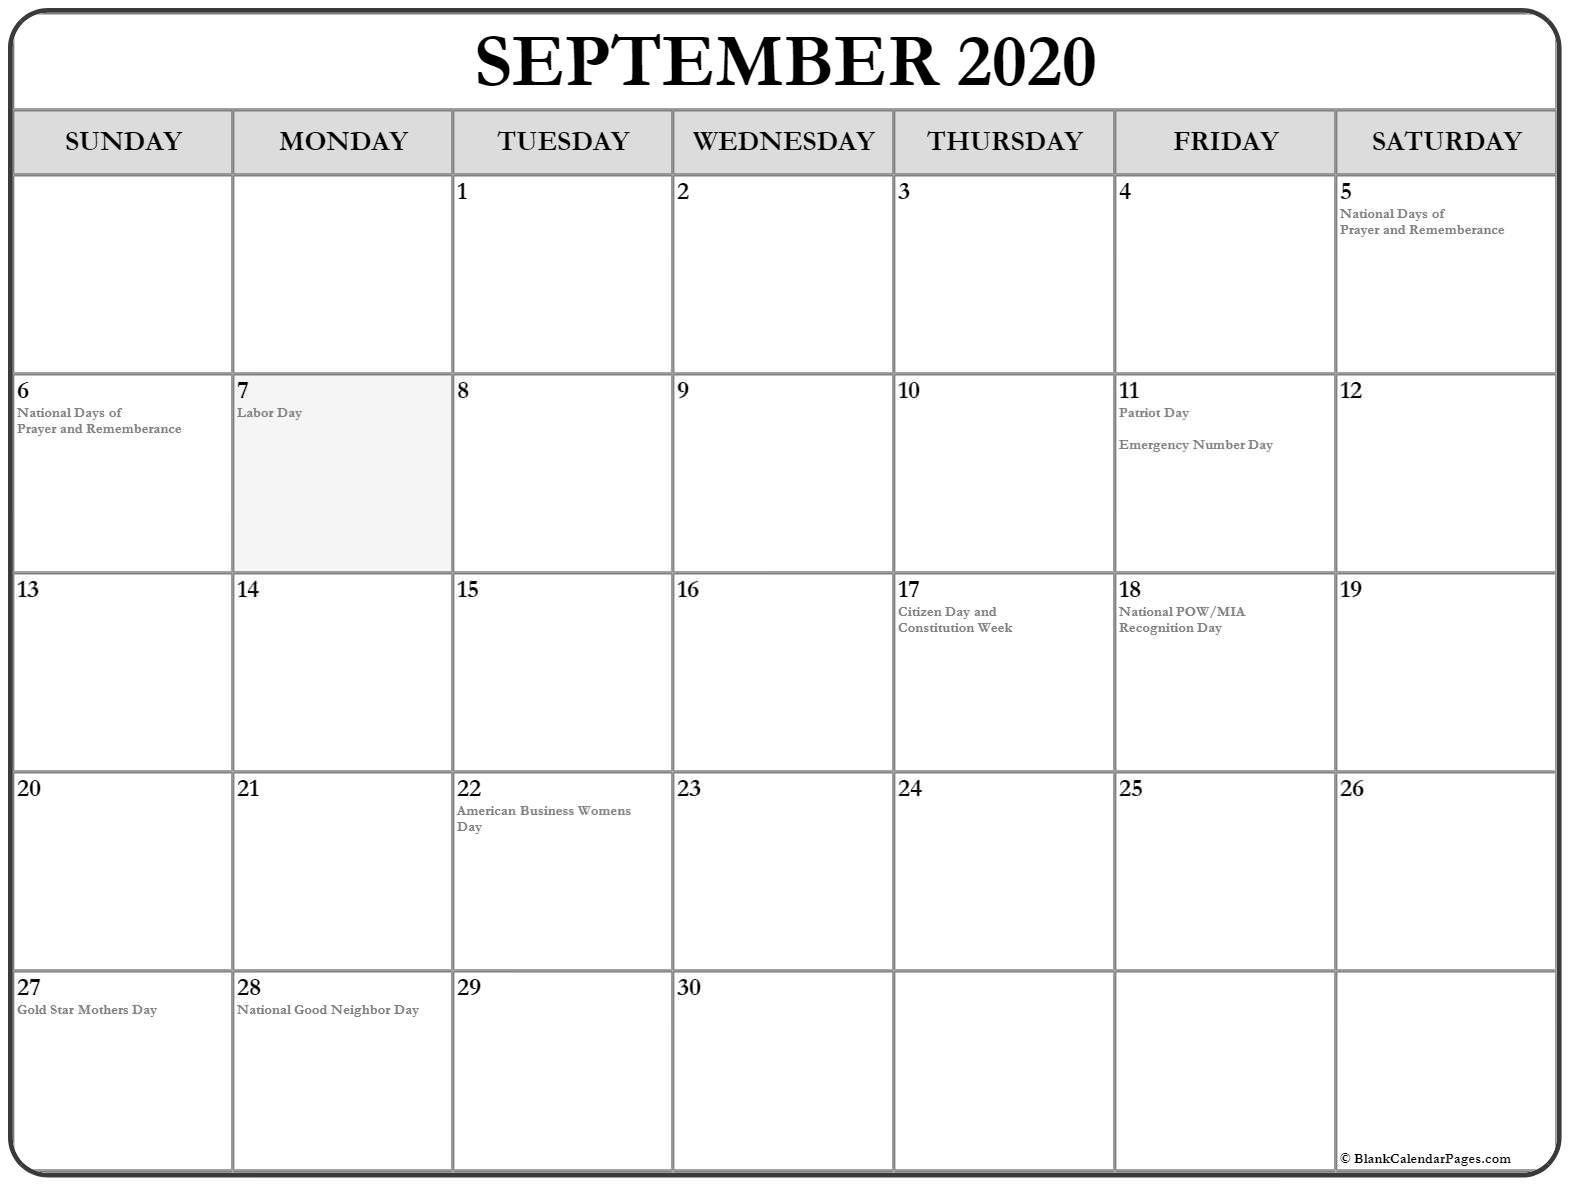 September 2020 Calendar With Holidays USA